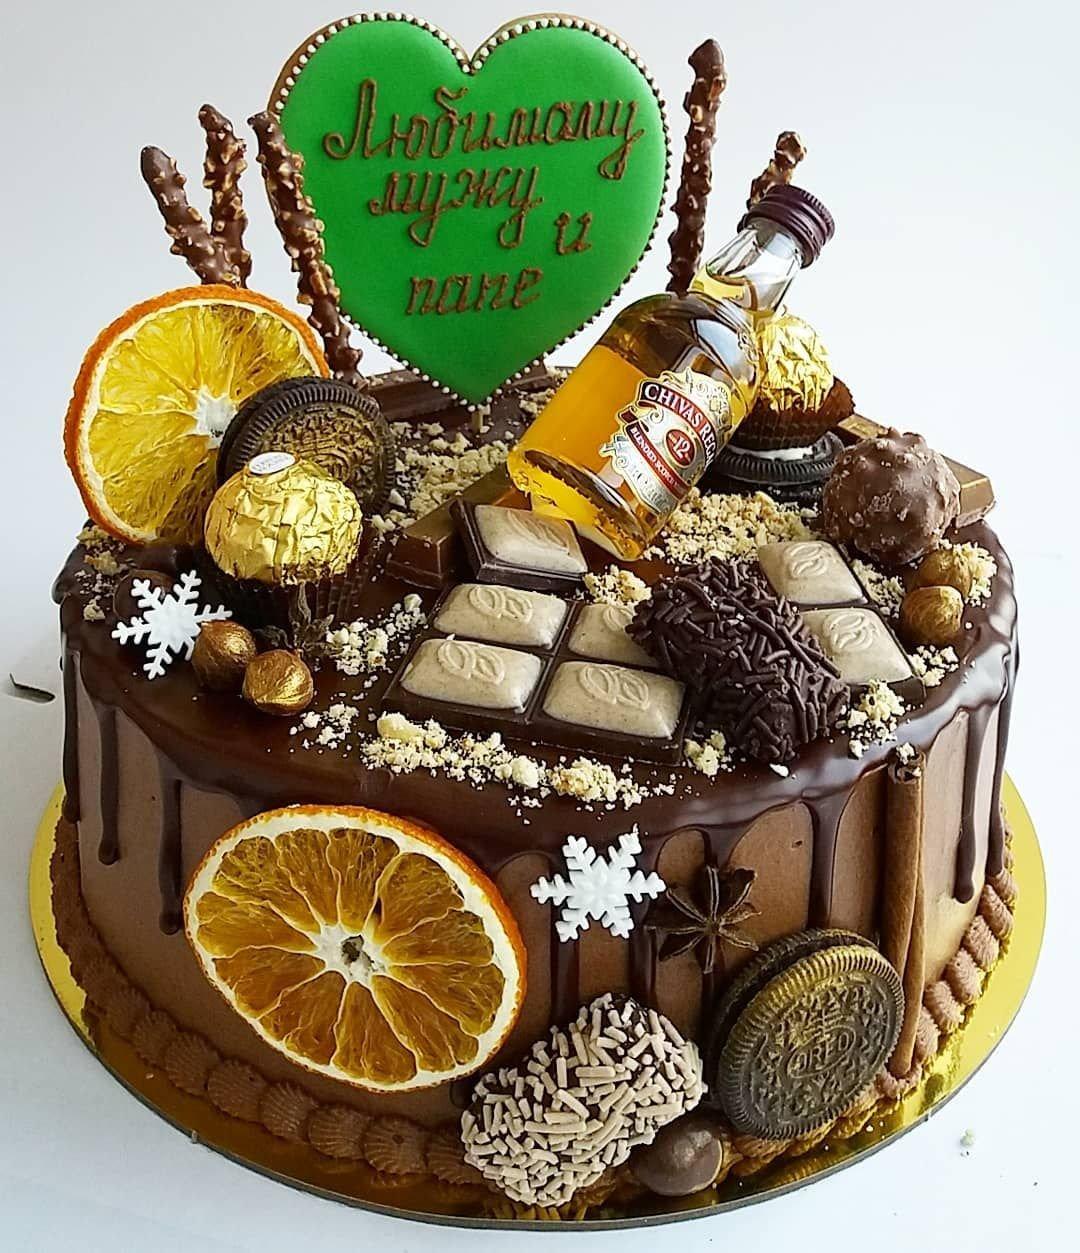 Рецепты изысканных тортов в с фото также пишет